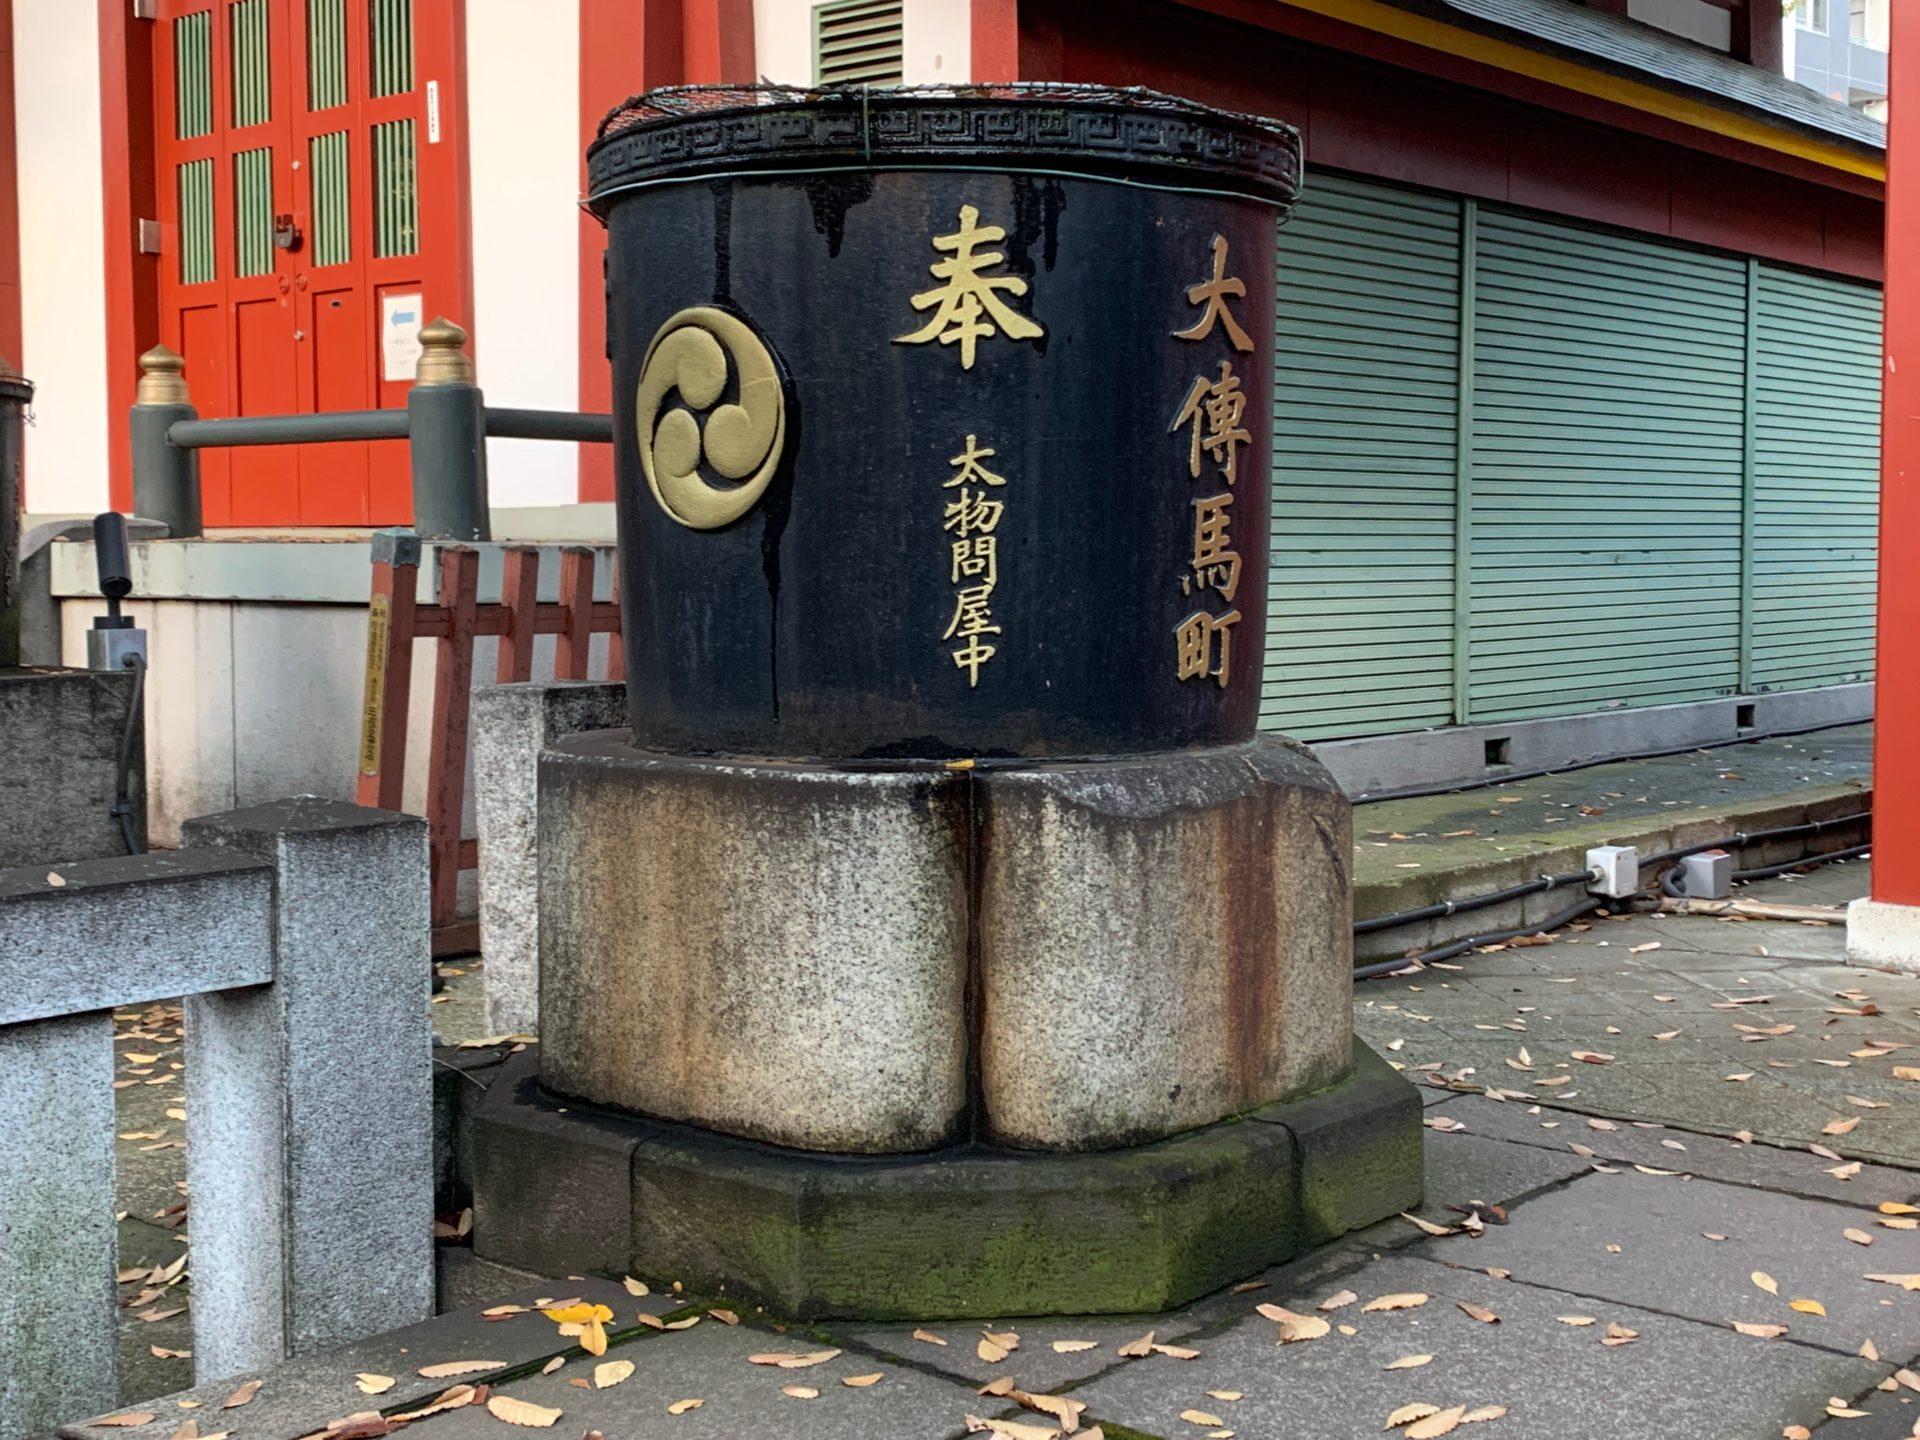 大伝町八雲神社の鉄製天水桶